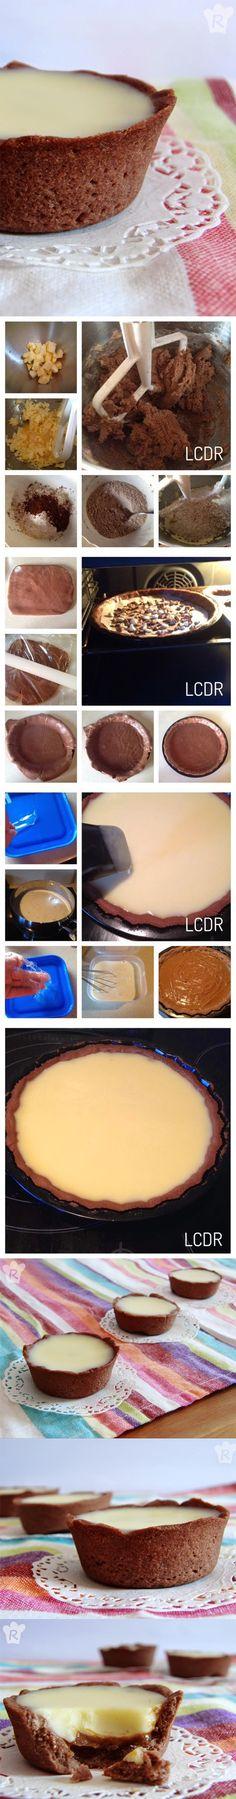 Tartaletas de chocolate con caramelo, http://lacocinaderebeca.blogspot.com.es